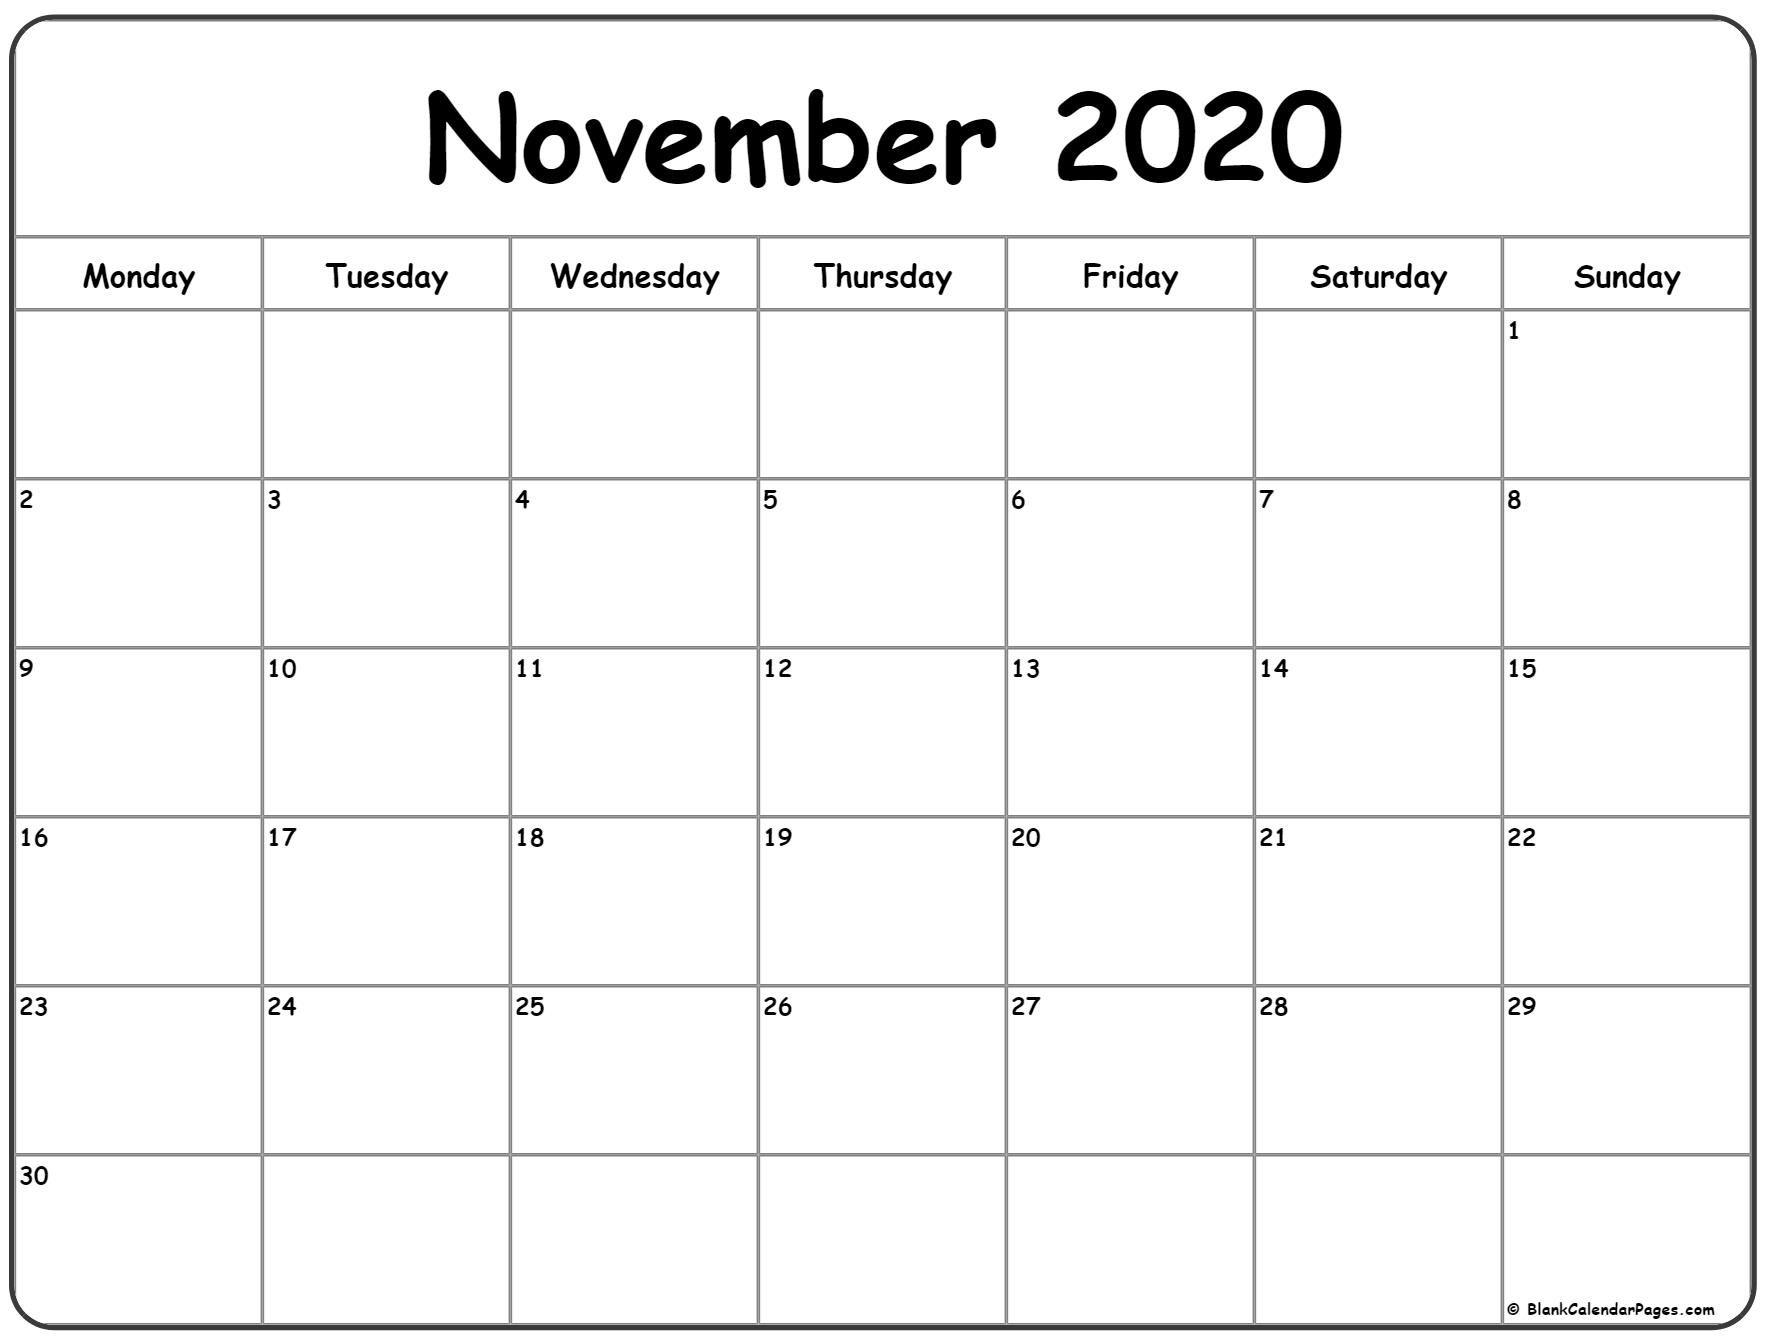 November 2020 Monday Calendar | Monday To Sunday In 2020 inside Monday Through Saturday Calendar